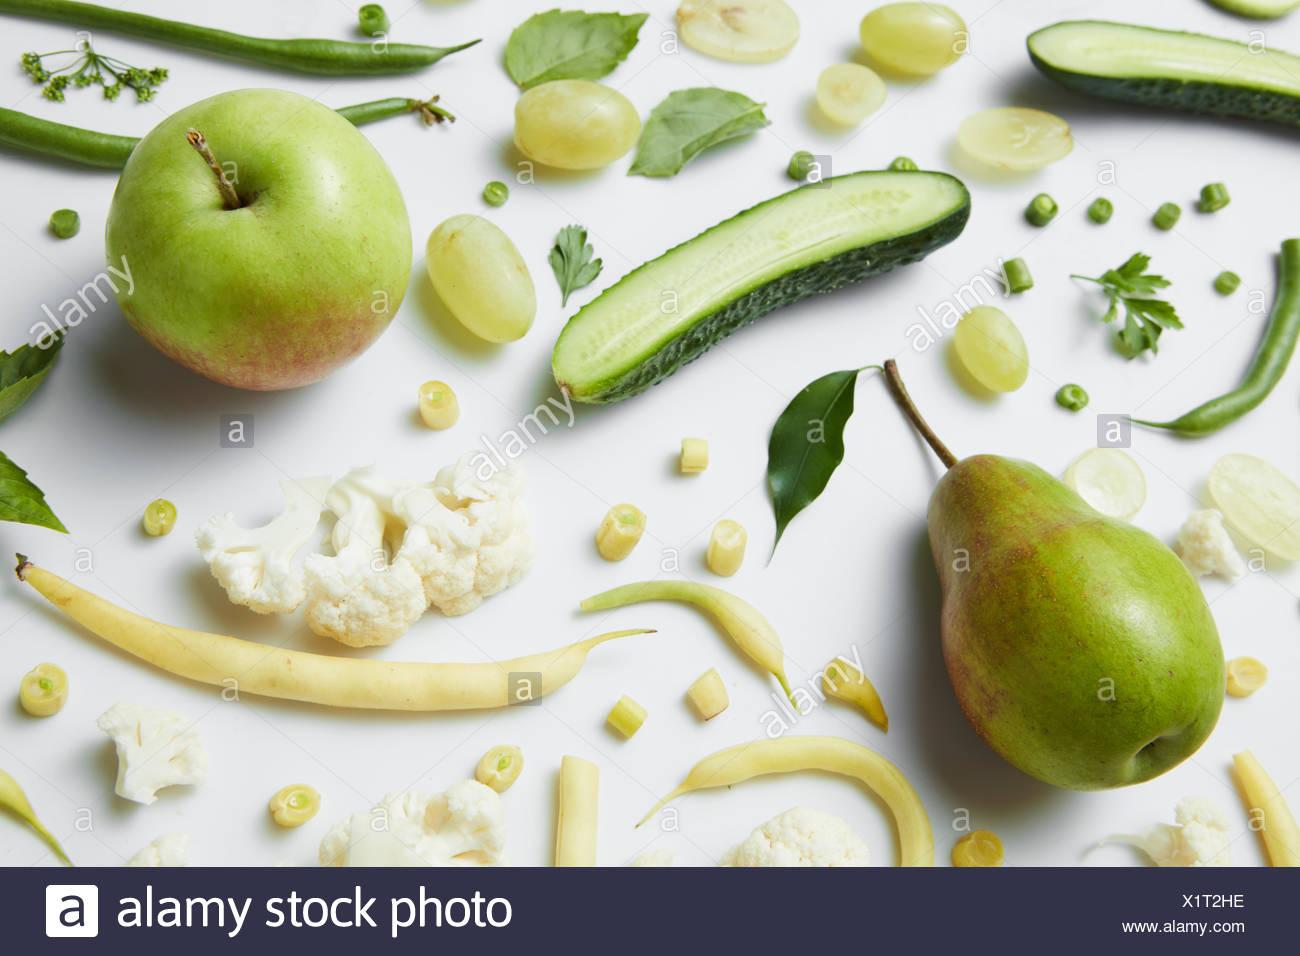 Verde e fresco di frutta e verdura Immagini Stock